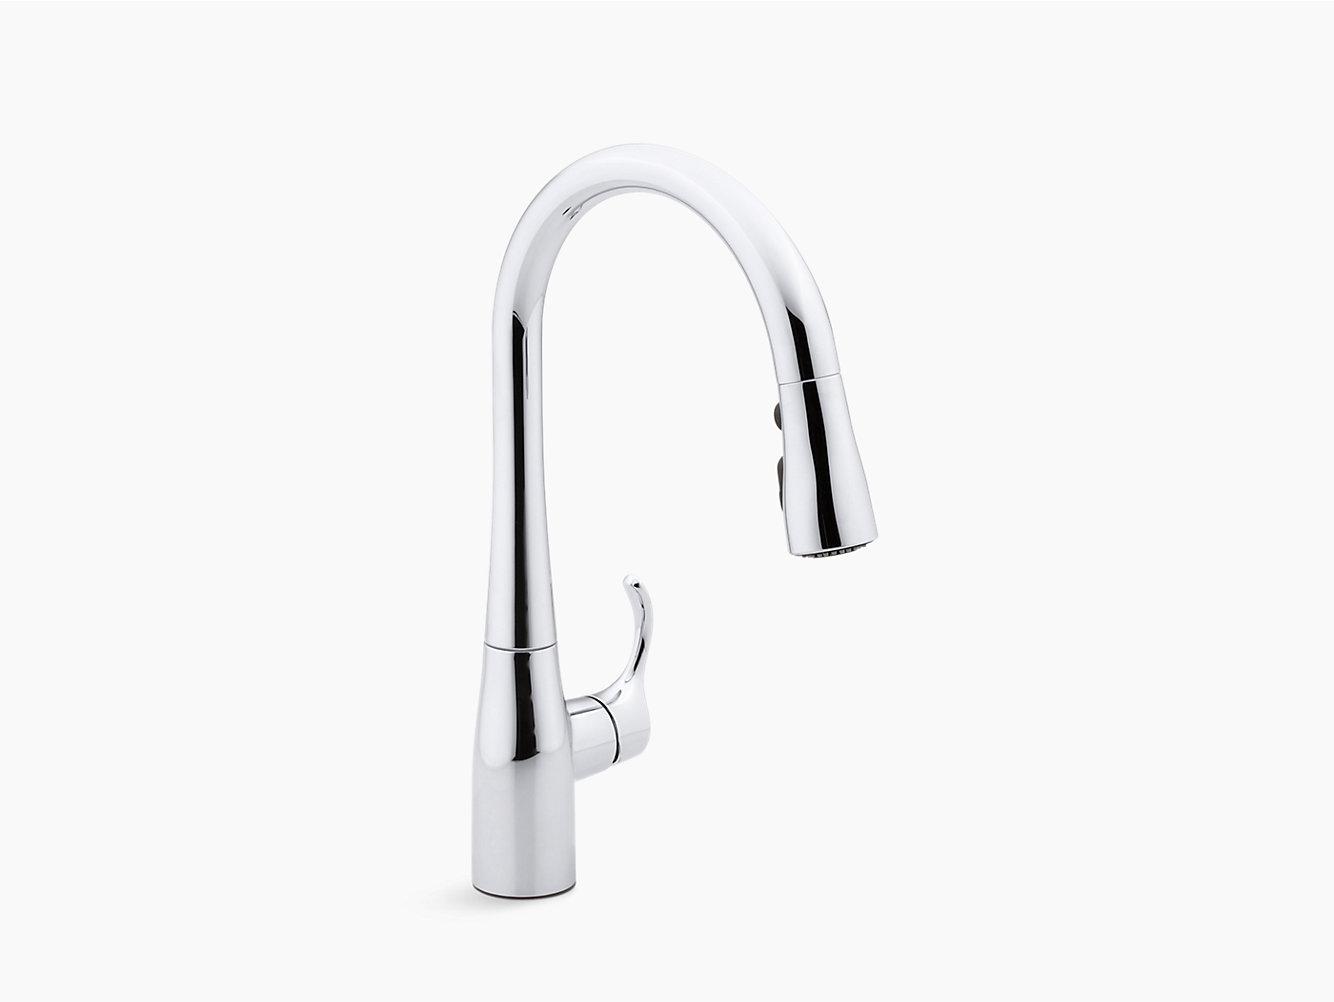 1.5 GPM to 1.8 GPM Shop all Kitchen Faucets | Kohler.com | KOHLER